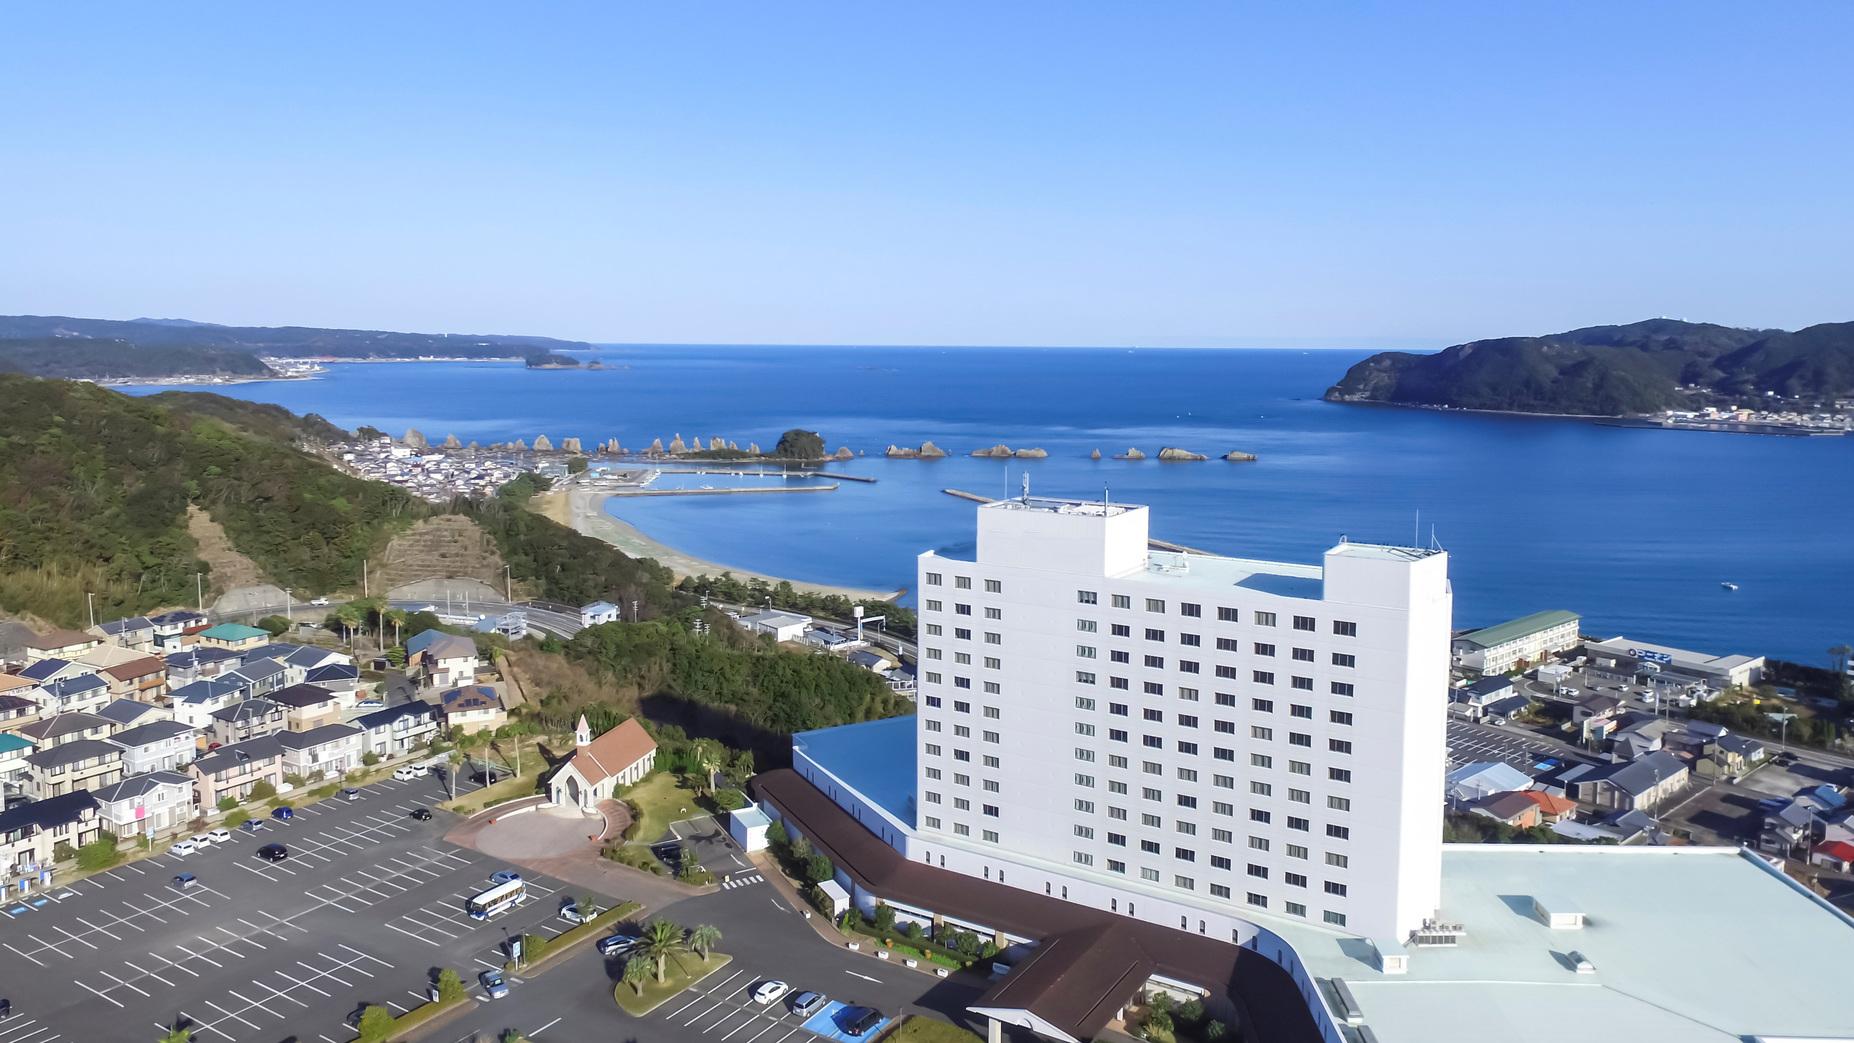 ホテル&リゾーツ 和歌山 串本 image